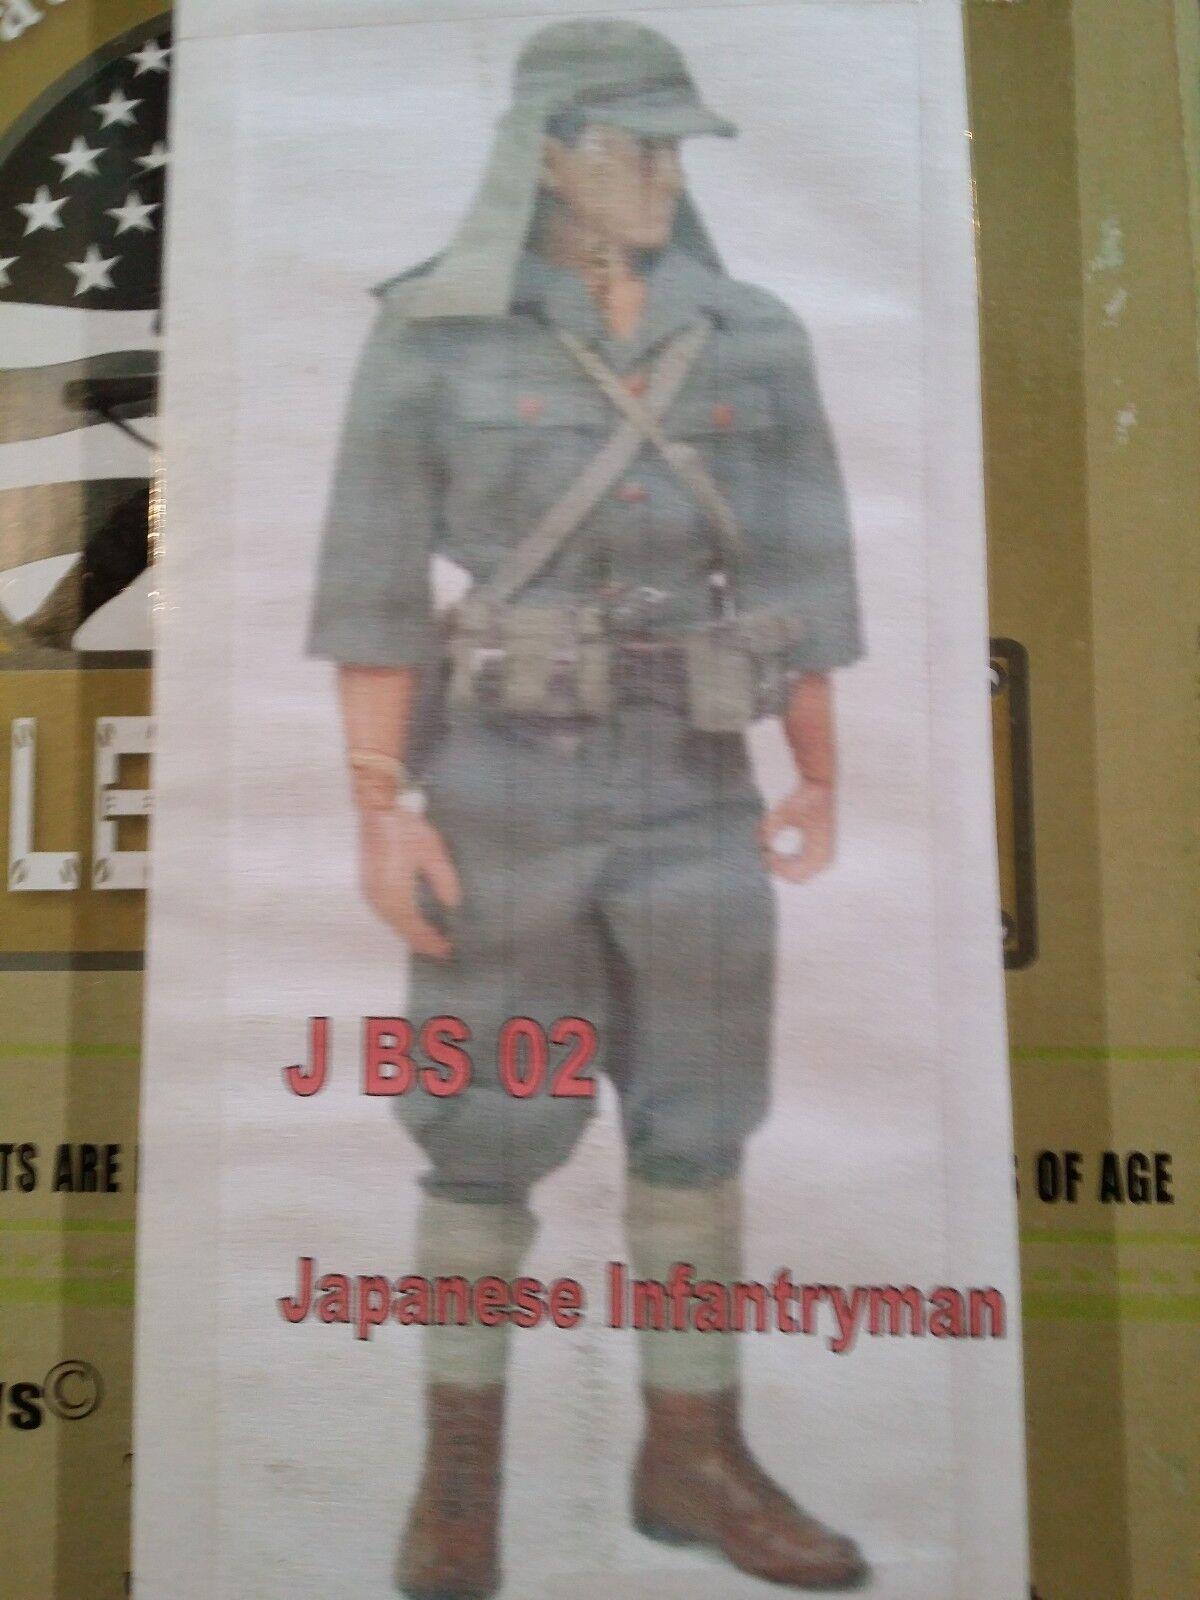 Action Figure 1 6 battle Gear Toys Set Japonais InfantryMan Grün WWII - J BS 02